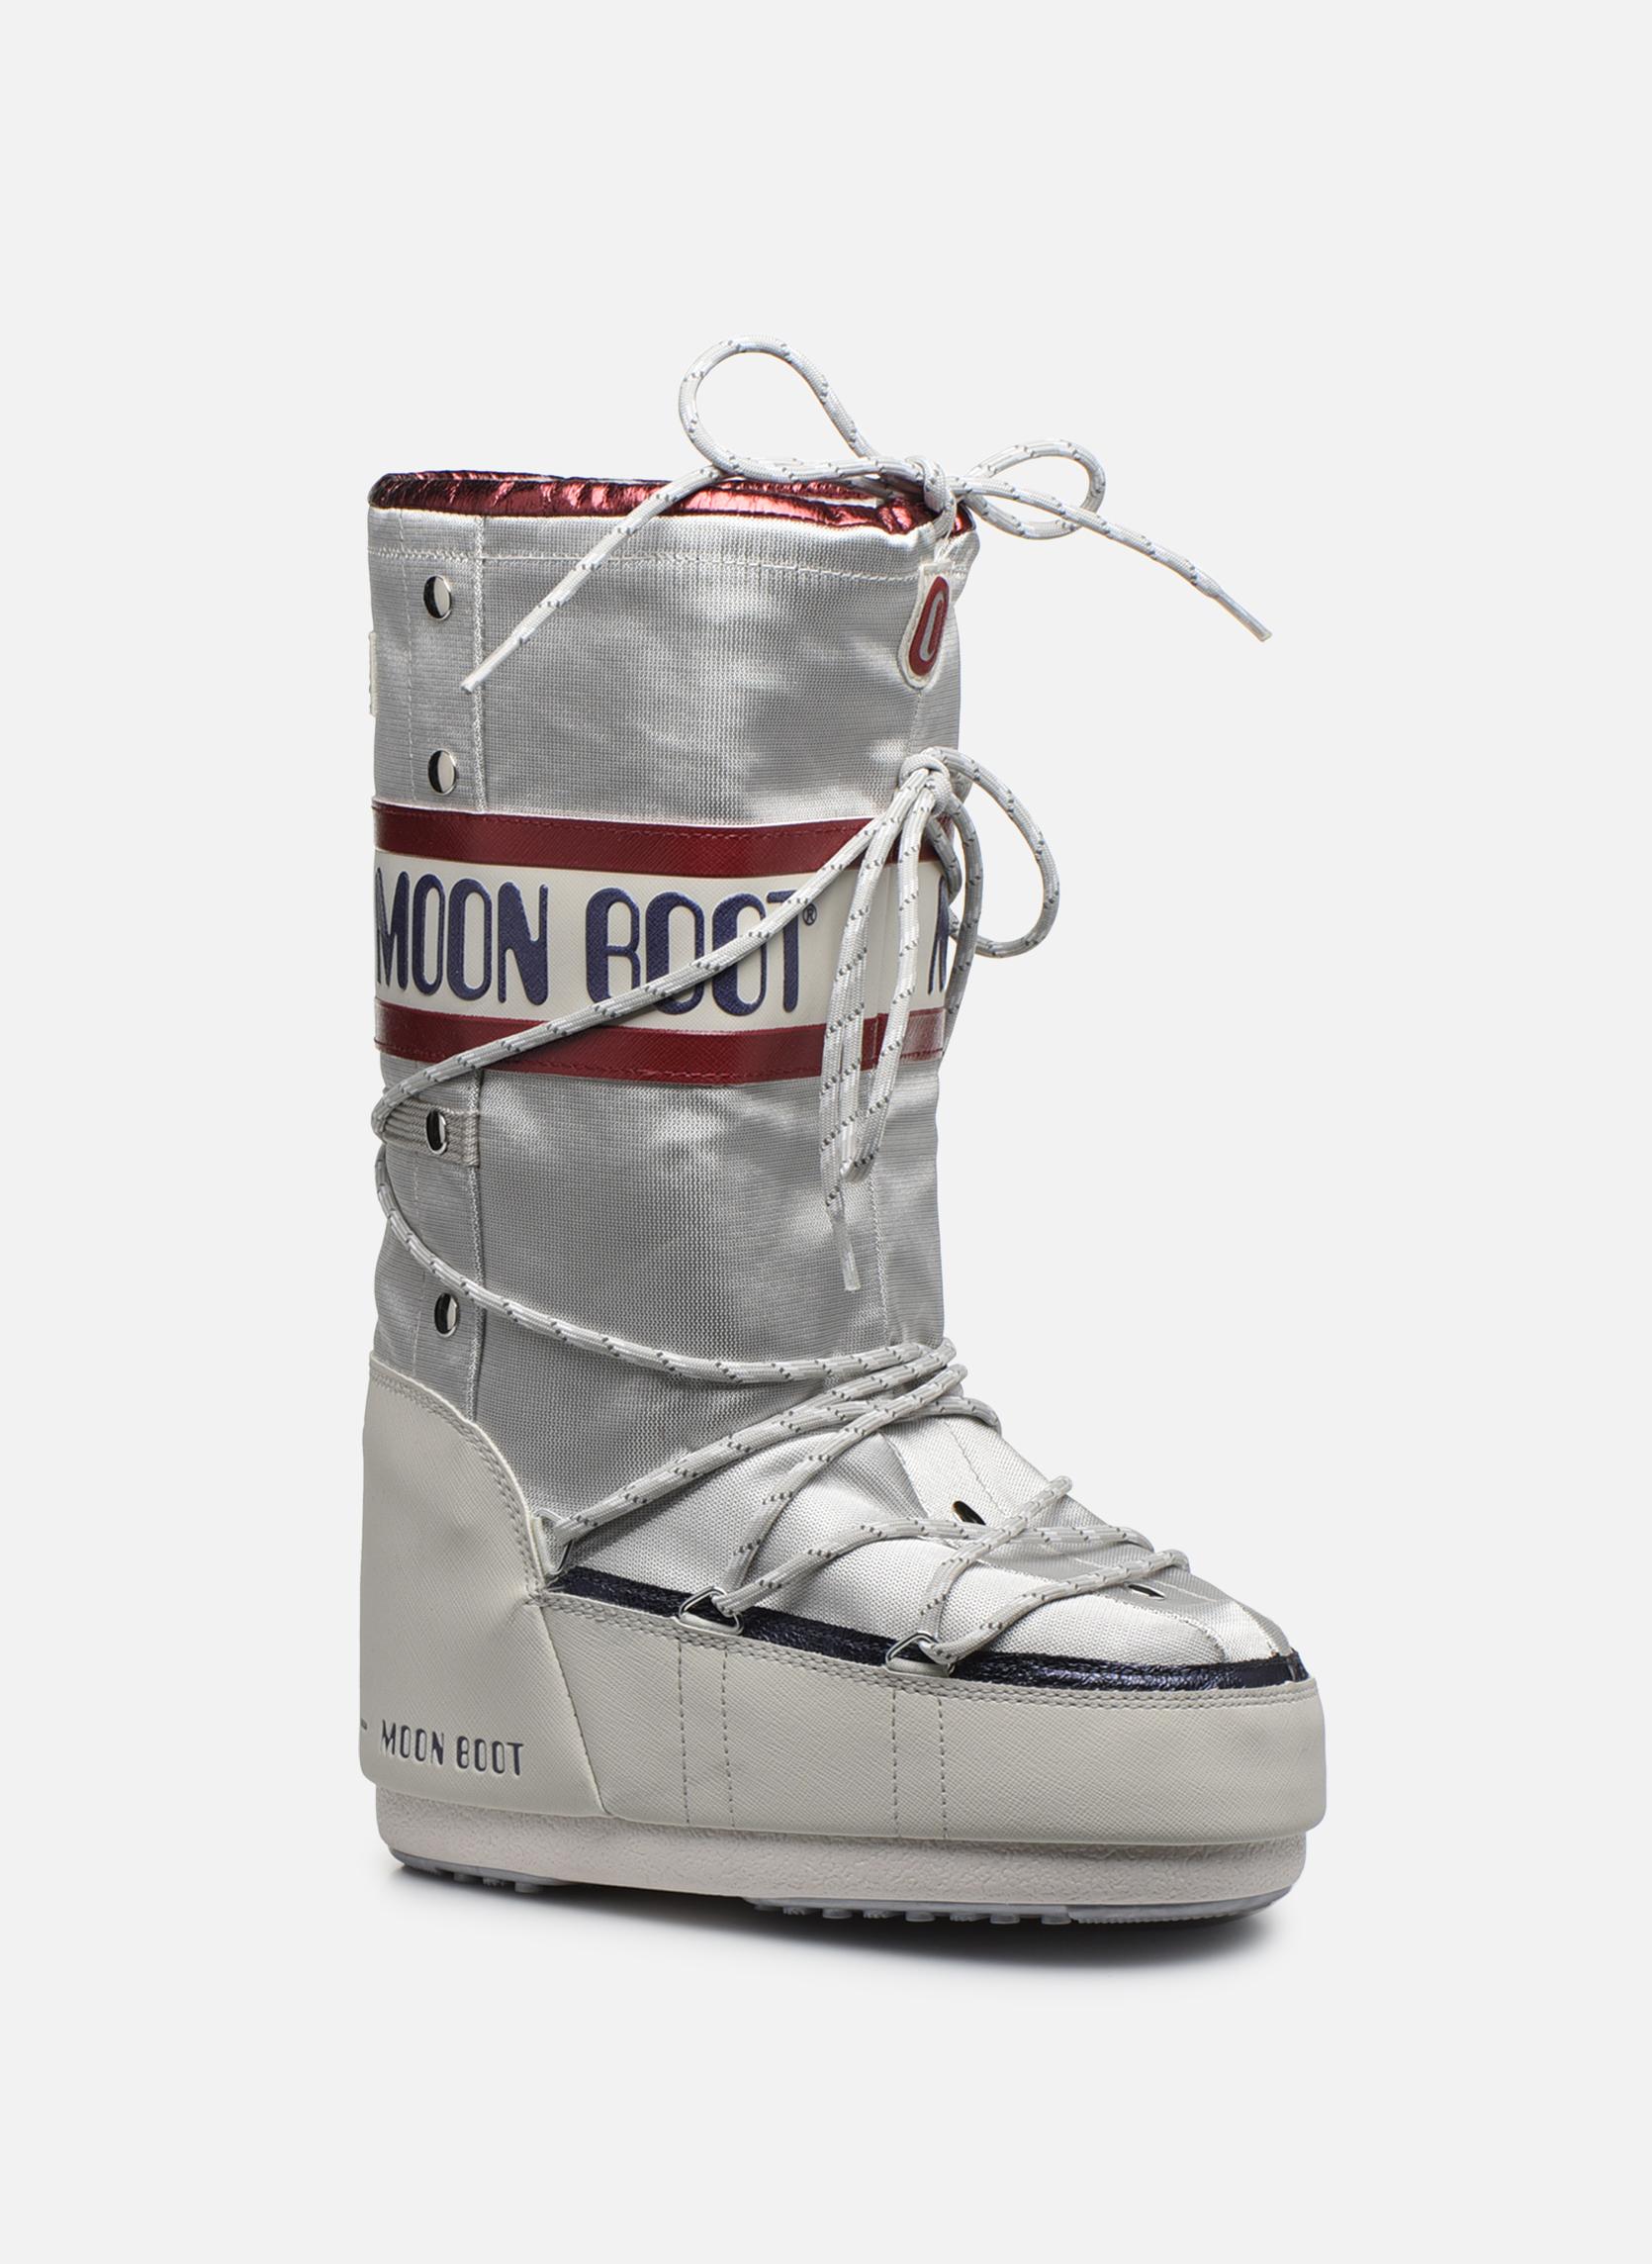 2018 Nieuwe Nieuw Bezoek Van Online Te Koop Moon Boot Space suit Wit Hoge Kwaliteit Goedkope Prijs Goede Deals 2018 Unisex Online cLdJ2SEsn